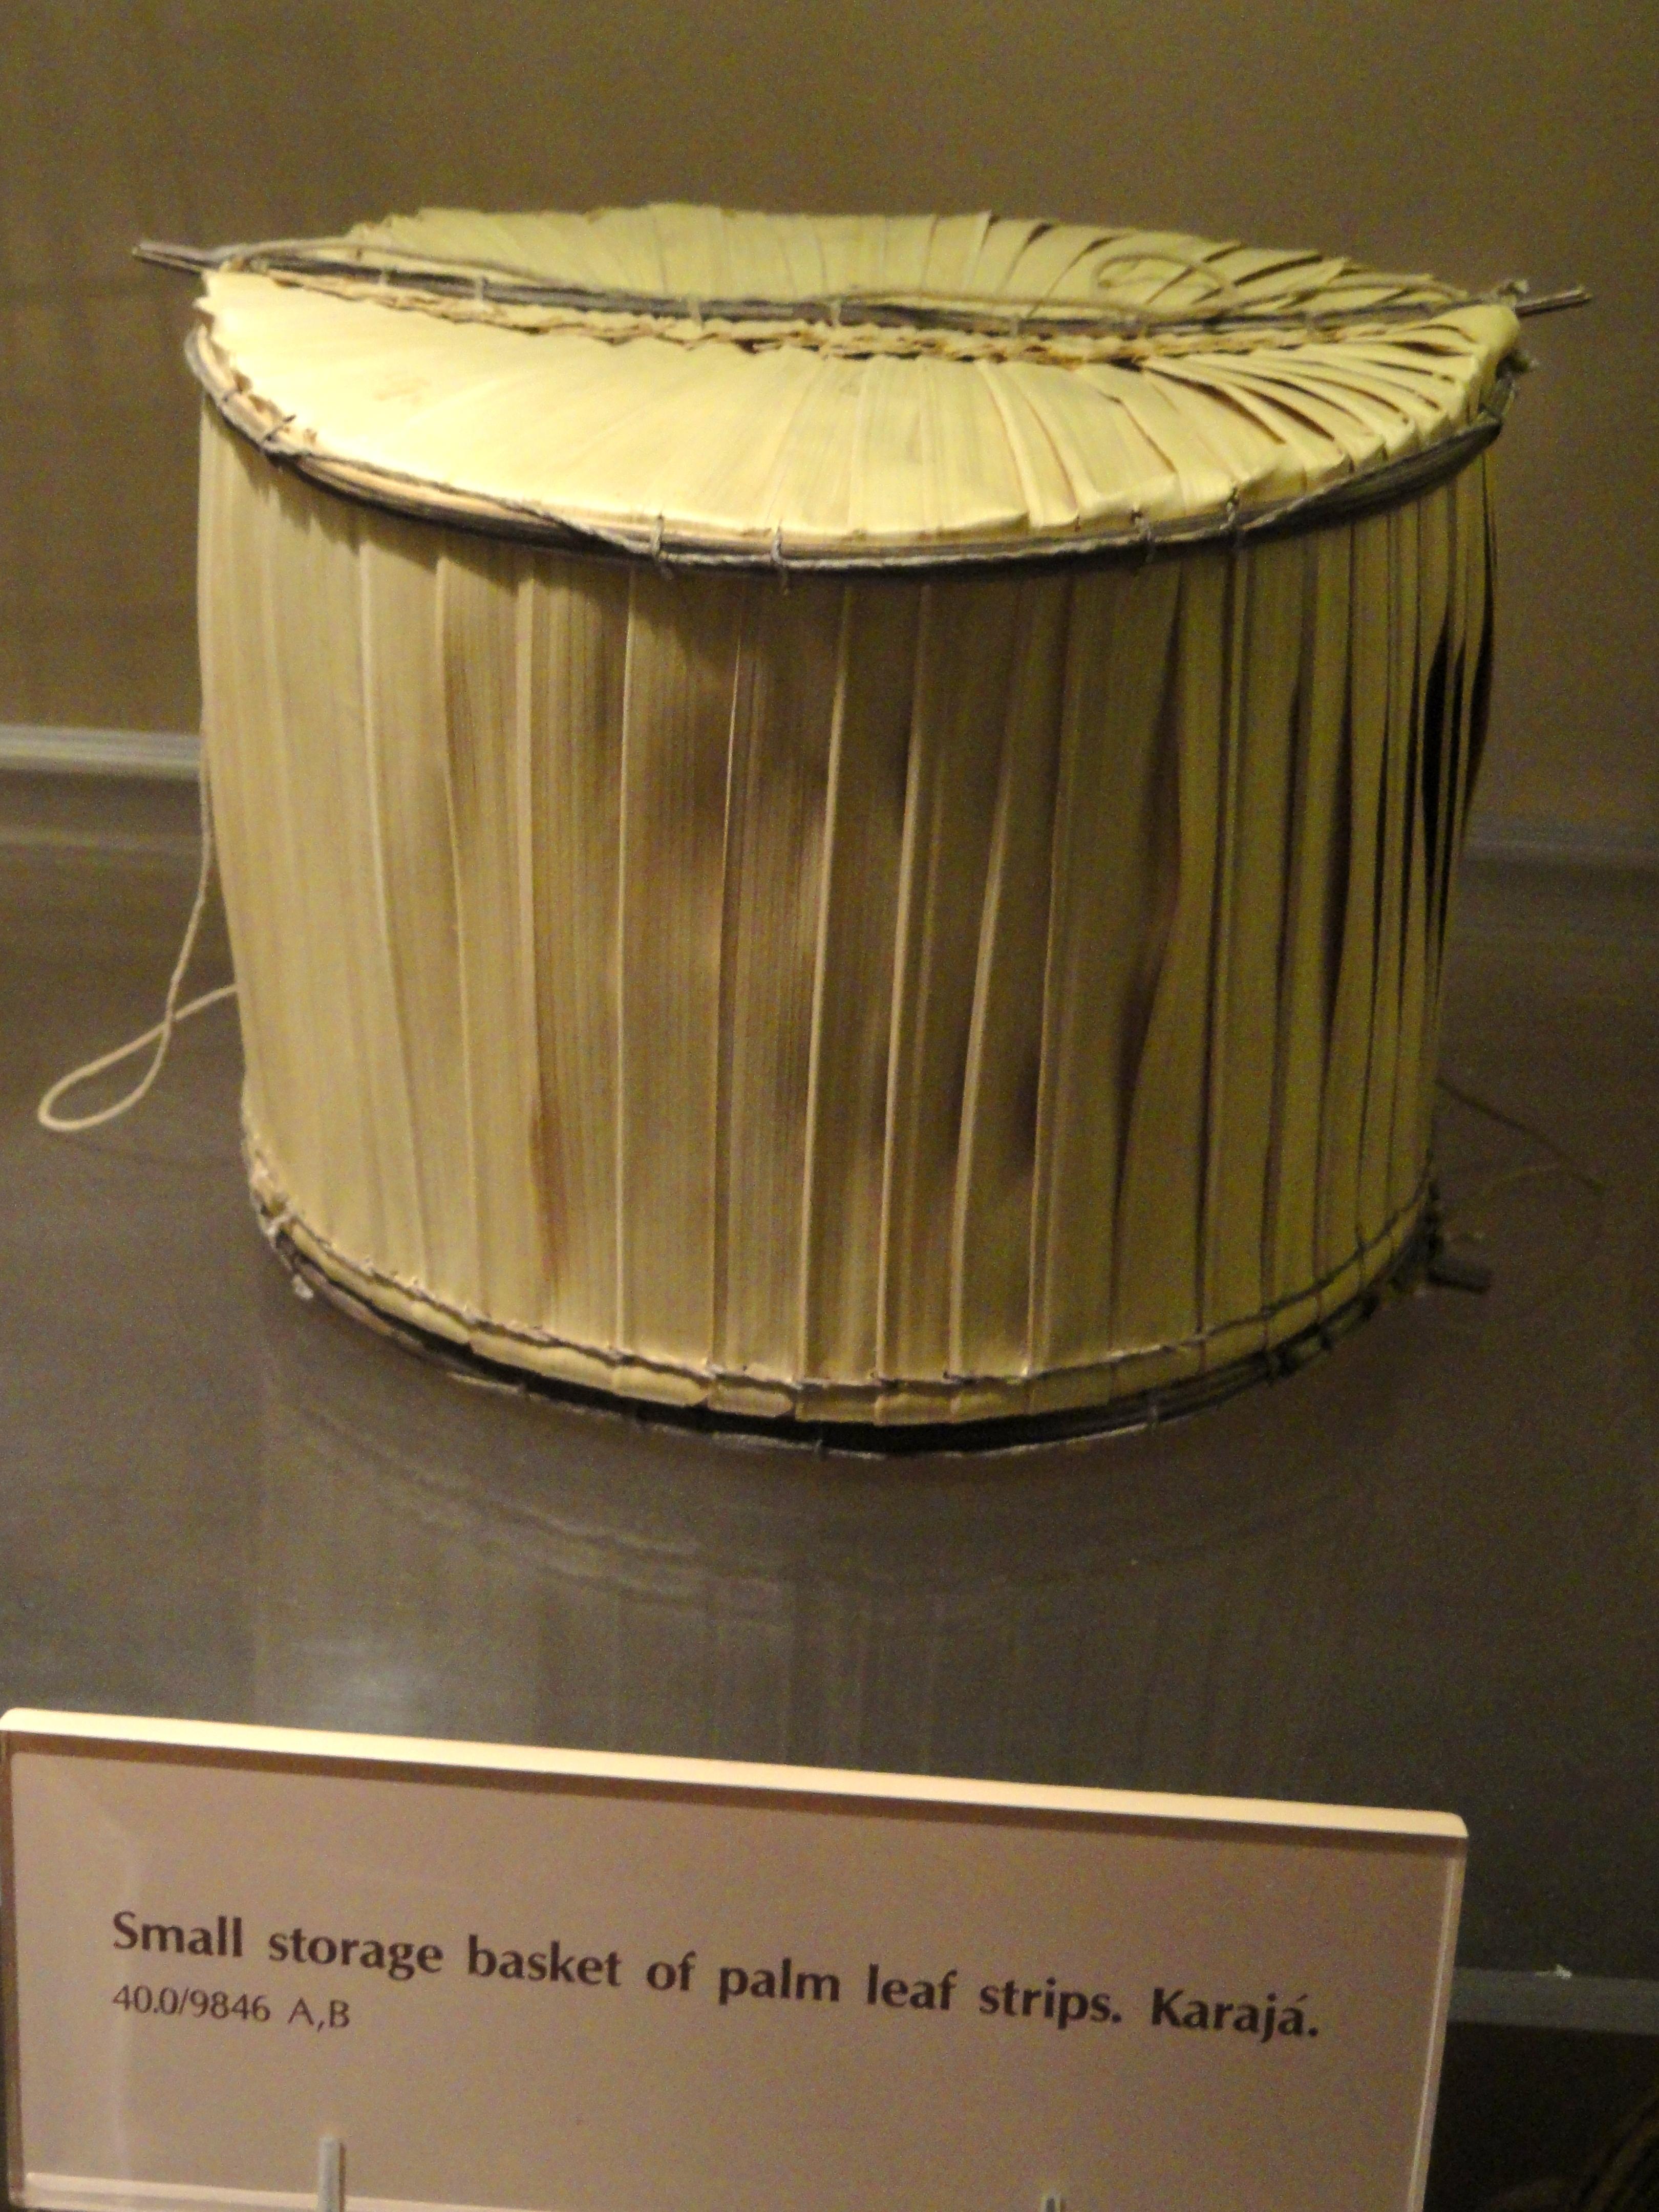 Aparador De Metal Com Tampo De Vidro ~ Ficheiro Basket, palm leaf strips, Karajá AMNH DSC06162 JPG u2013 Wikipédia, a enciclopédia livre